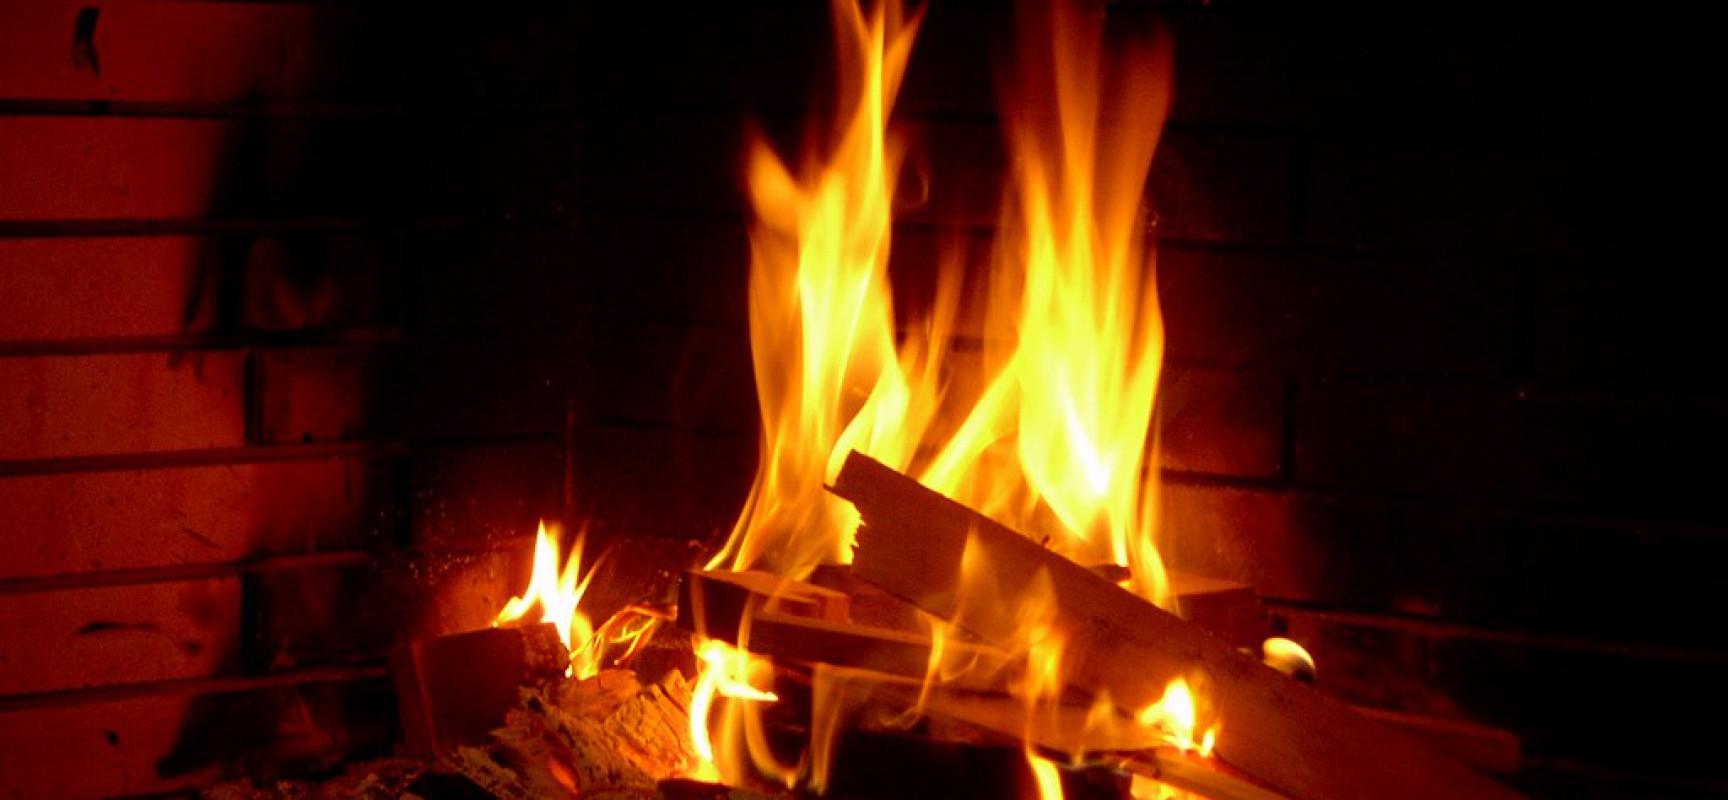 Ανακοίνωση του Δήμου Σοφάδων για διαθεσιμότητα θερμαινόμενων χώρων σε ευαίσθητες κοινωνικές ομάδες